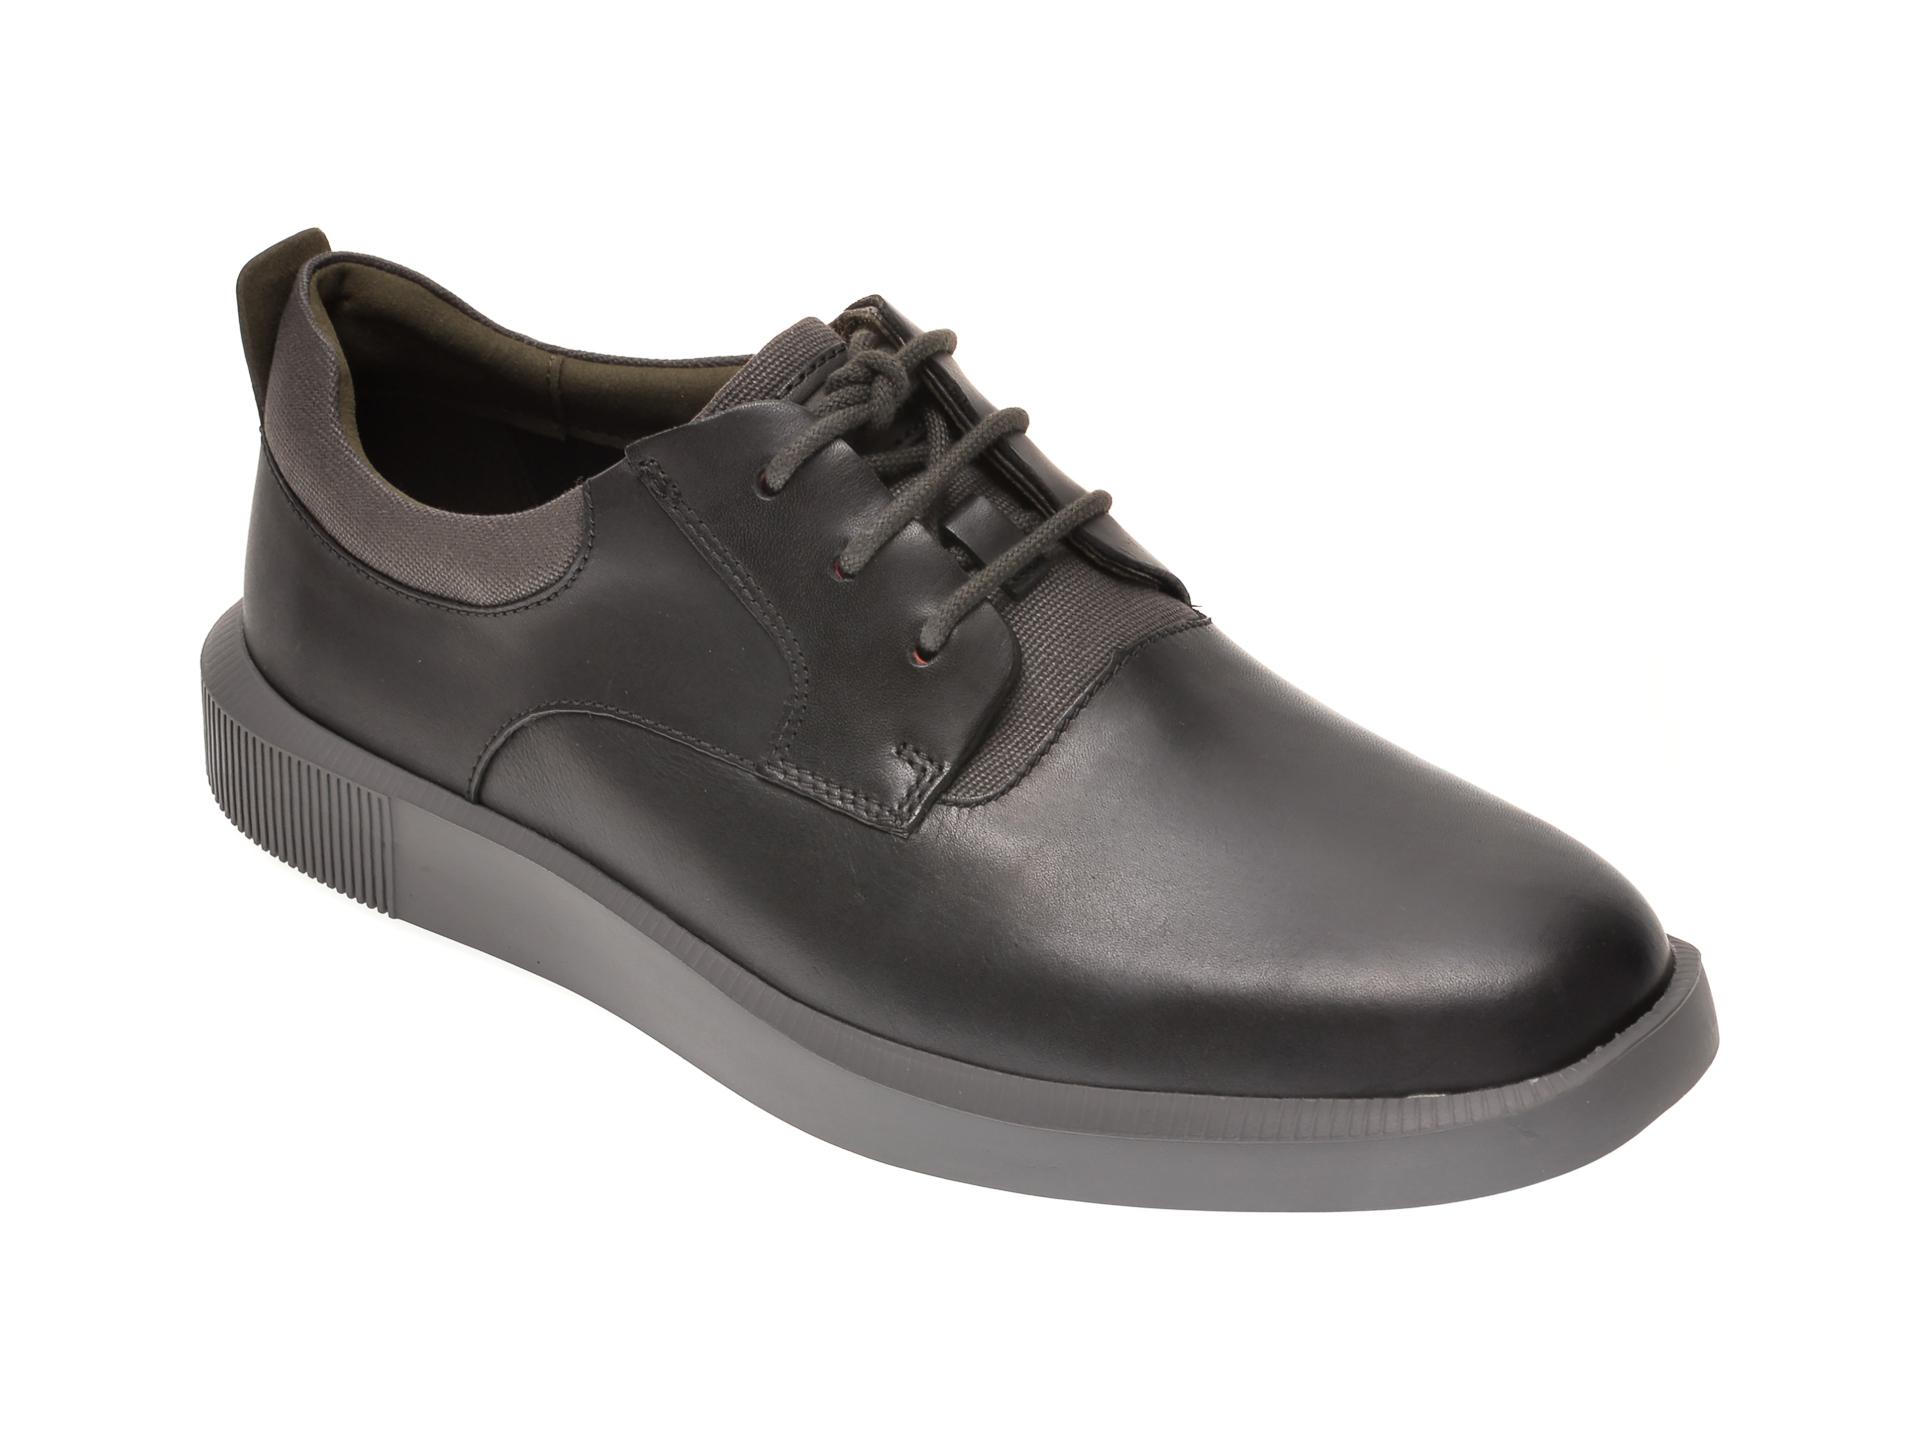 Pantofi CAMPER negri, K100655, din piele naturala